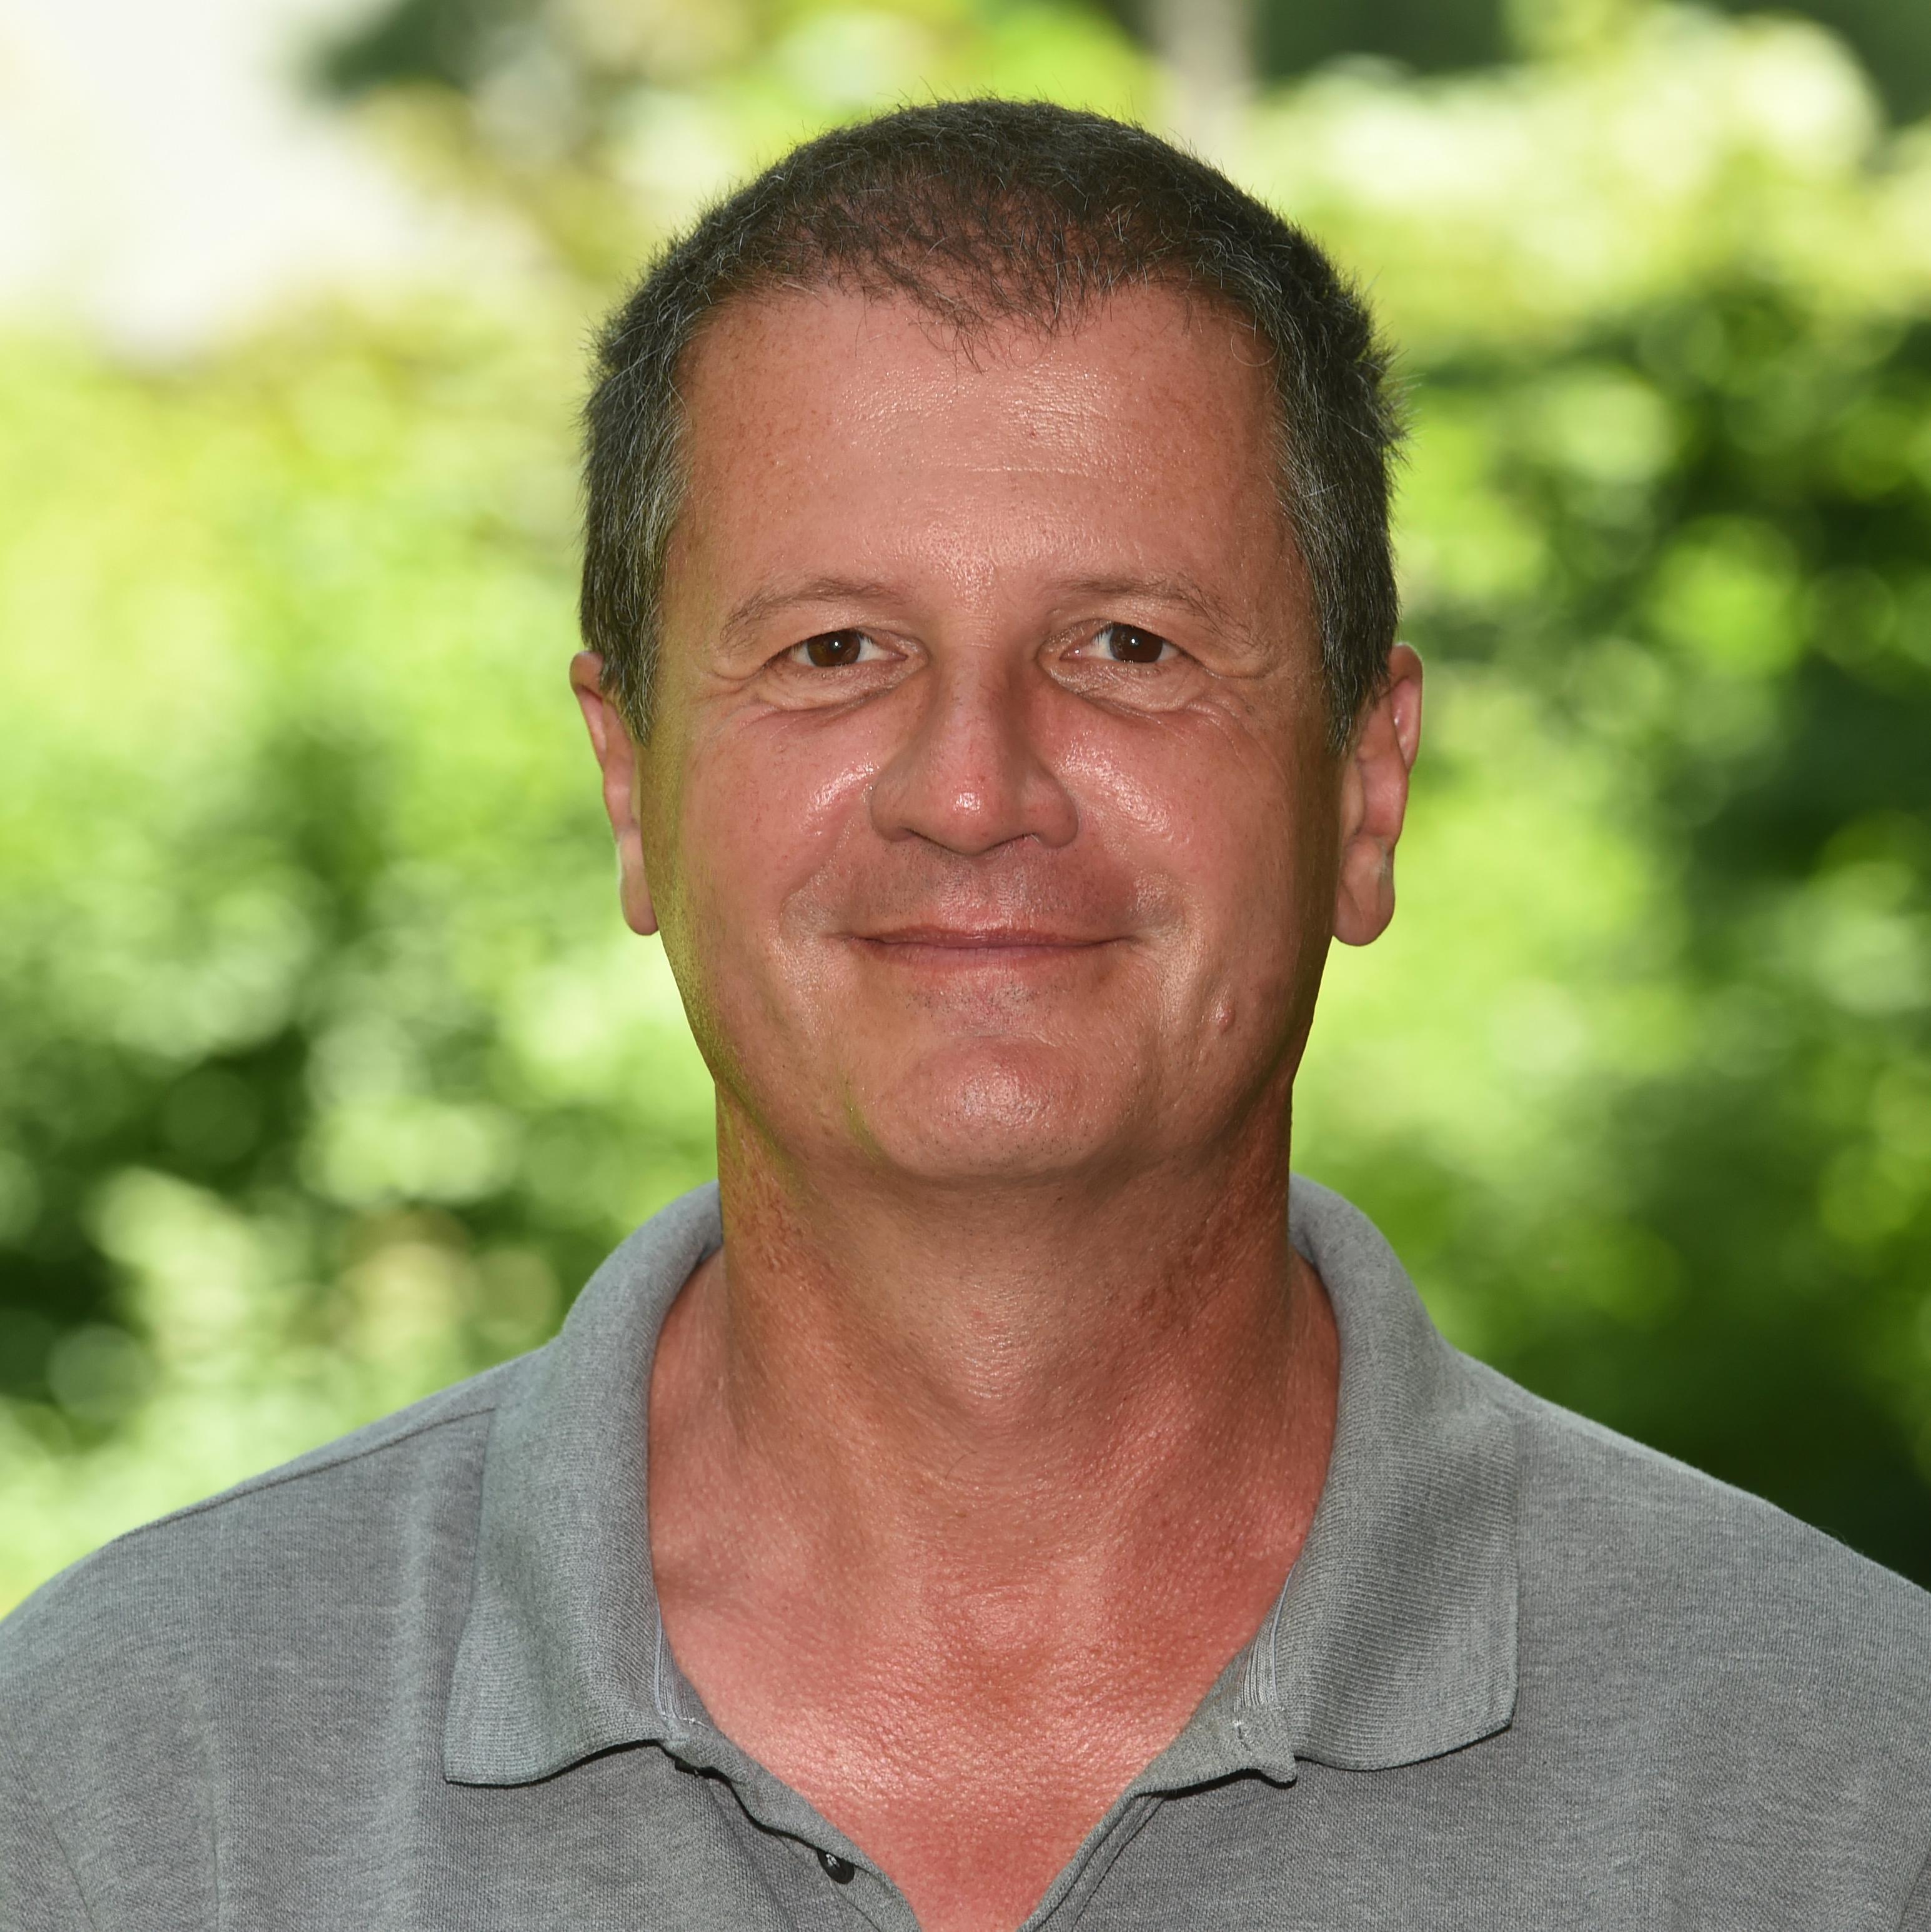 Ralf Thume